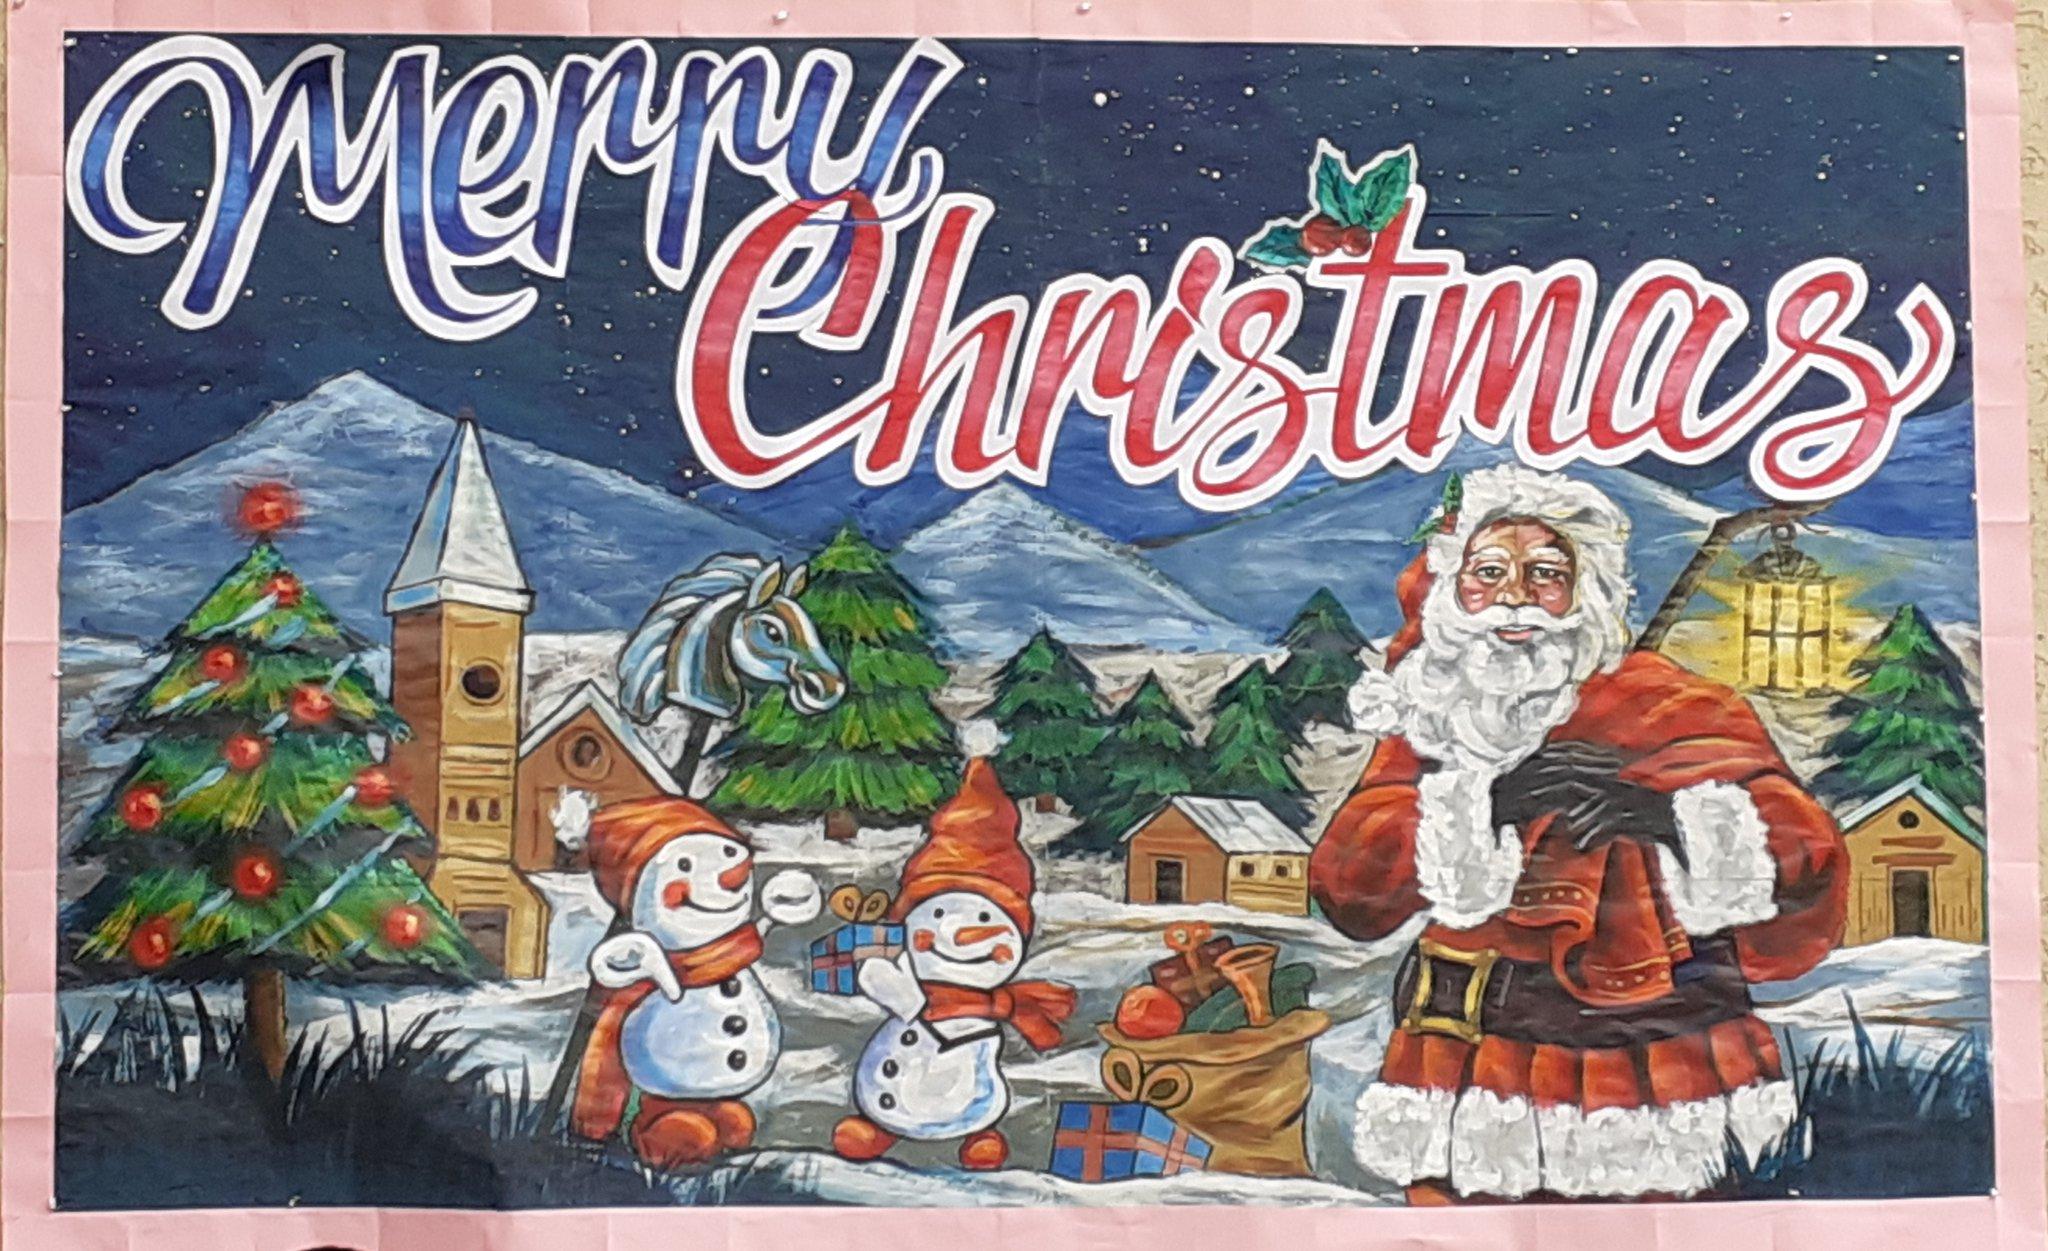 New Horizon Public School On Twitter Christmas Celebration Students Of New Horizon Public School Penguin Kids Airoli Celebrating Christmas Https T Co Tm8xrnisjw Https T Co Vjaxtq1bi6